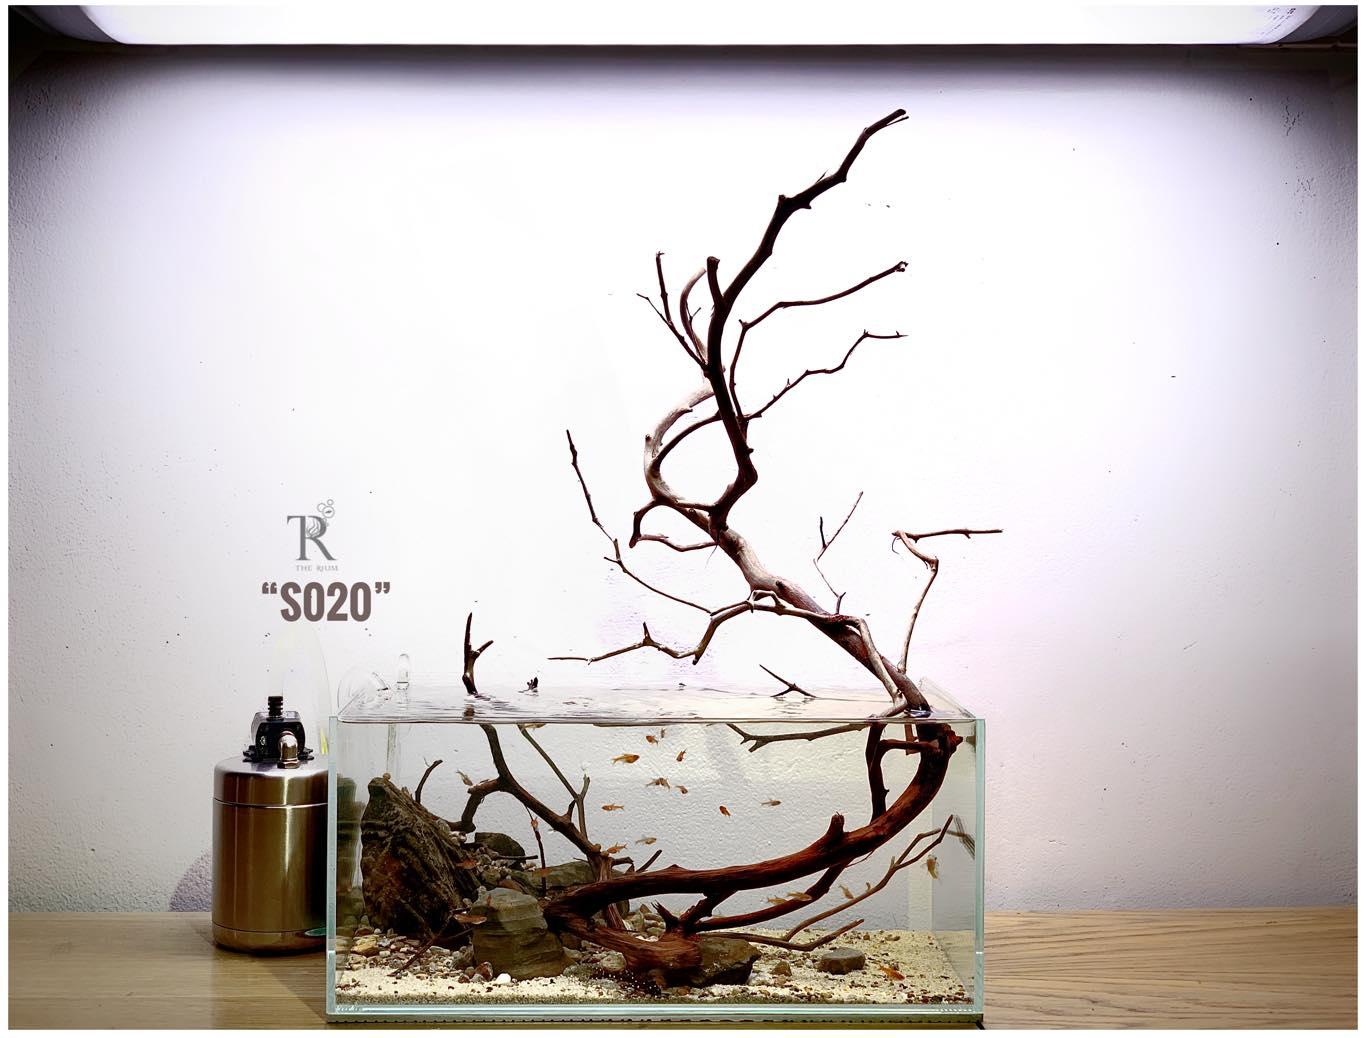 Từ Thái Sơn – Chia sẻ cơ bản về Thủy sinh tối giản – phần II